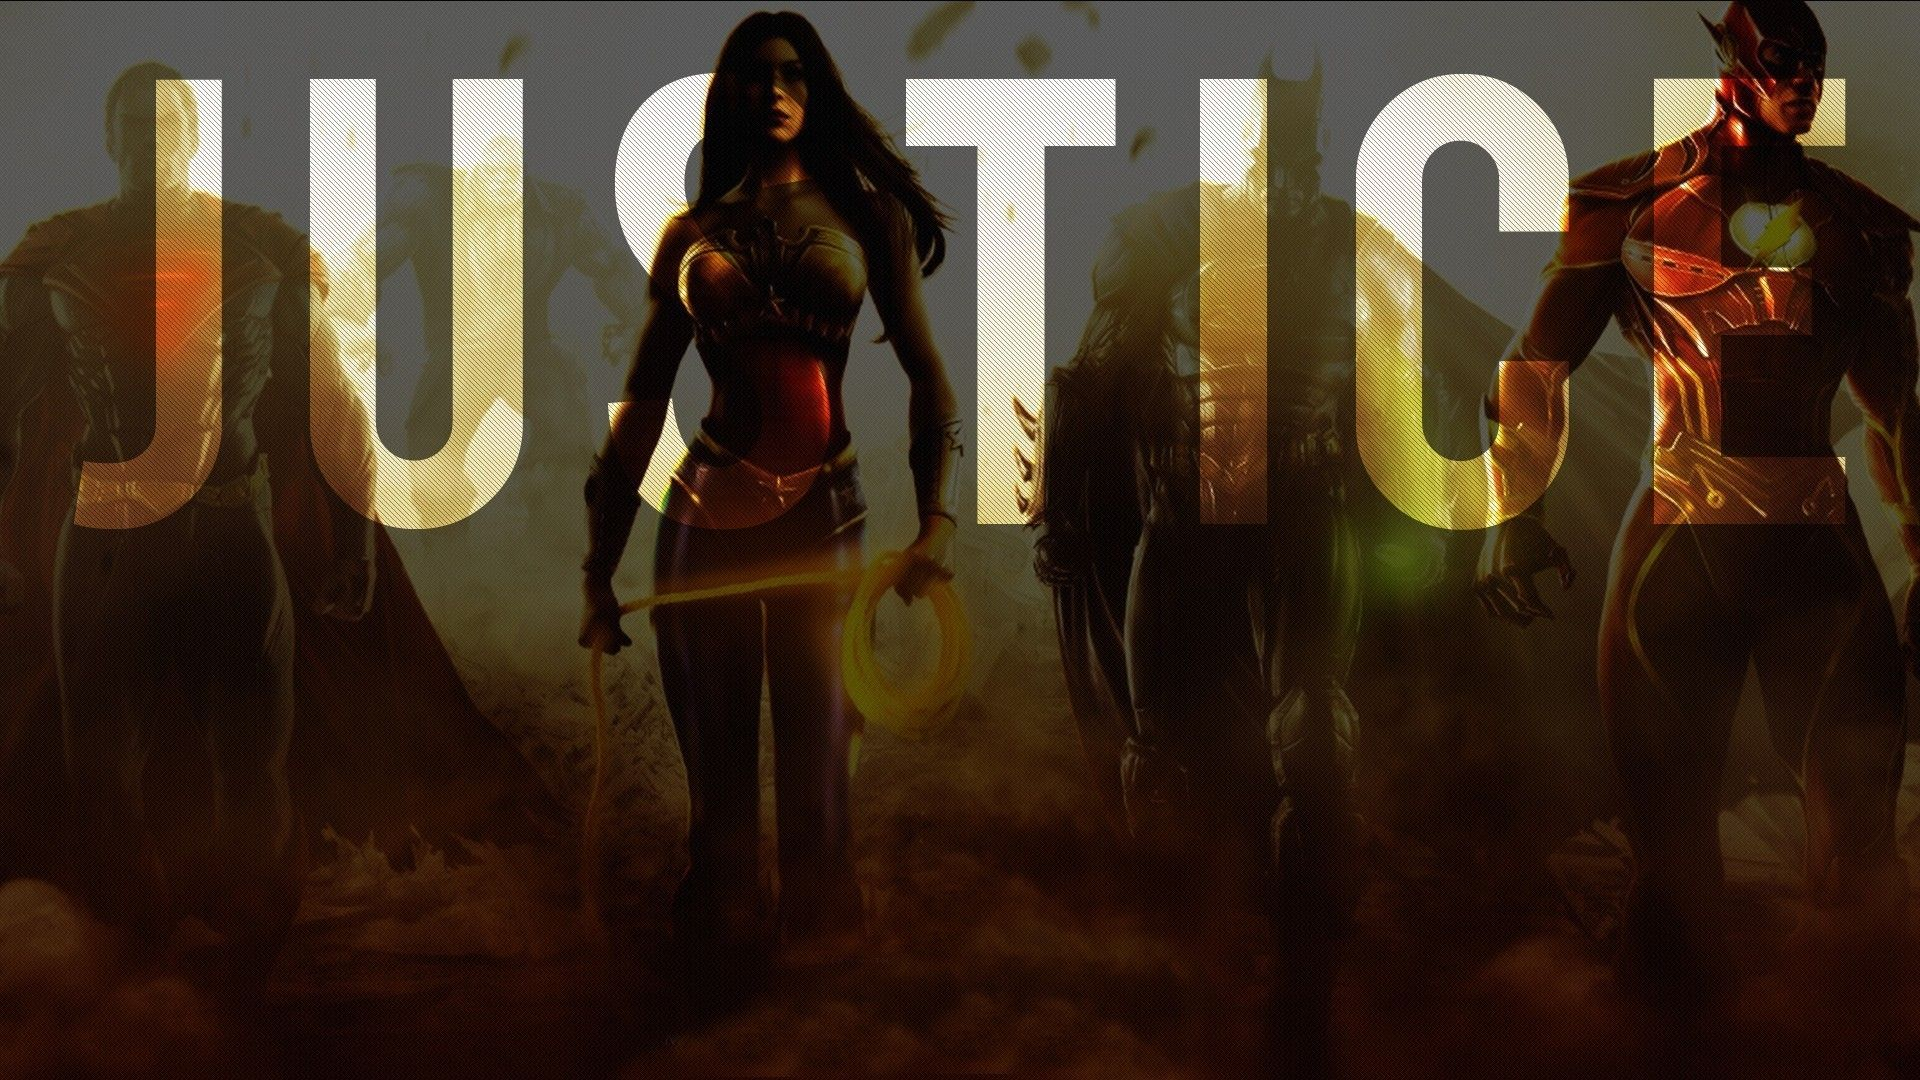 justice league pictures 4k